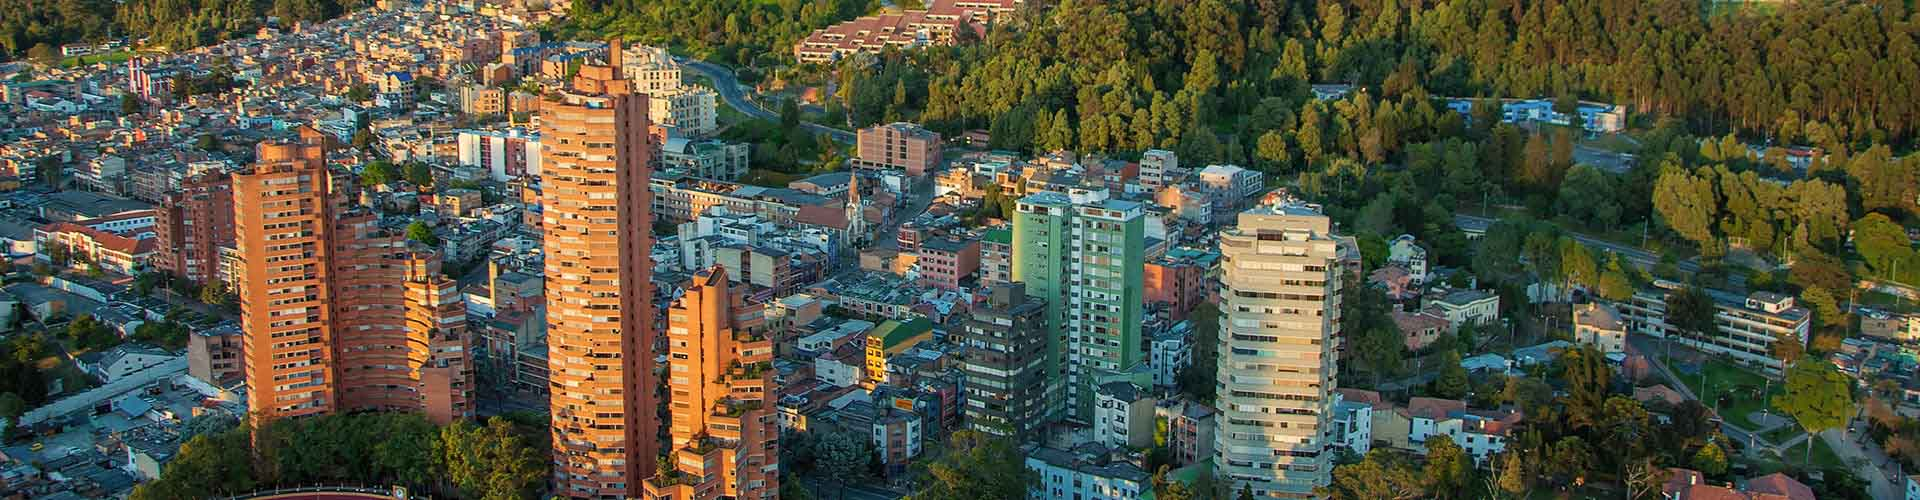 Bogotá - Hostales en el distrito Muequetá. Mapas de Bogotá, Fotos y comentarios de cada Hostal en Bogotá.